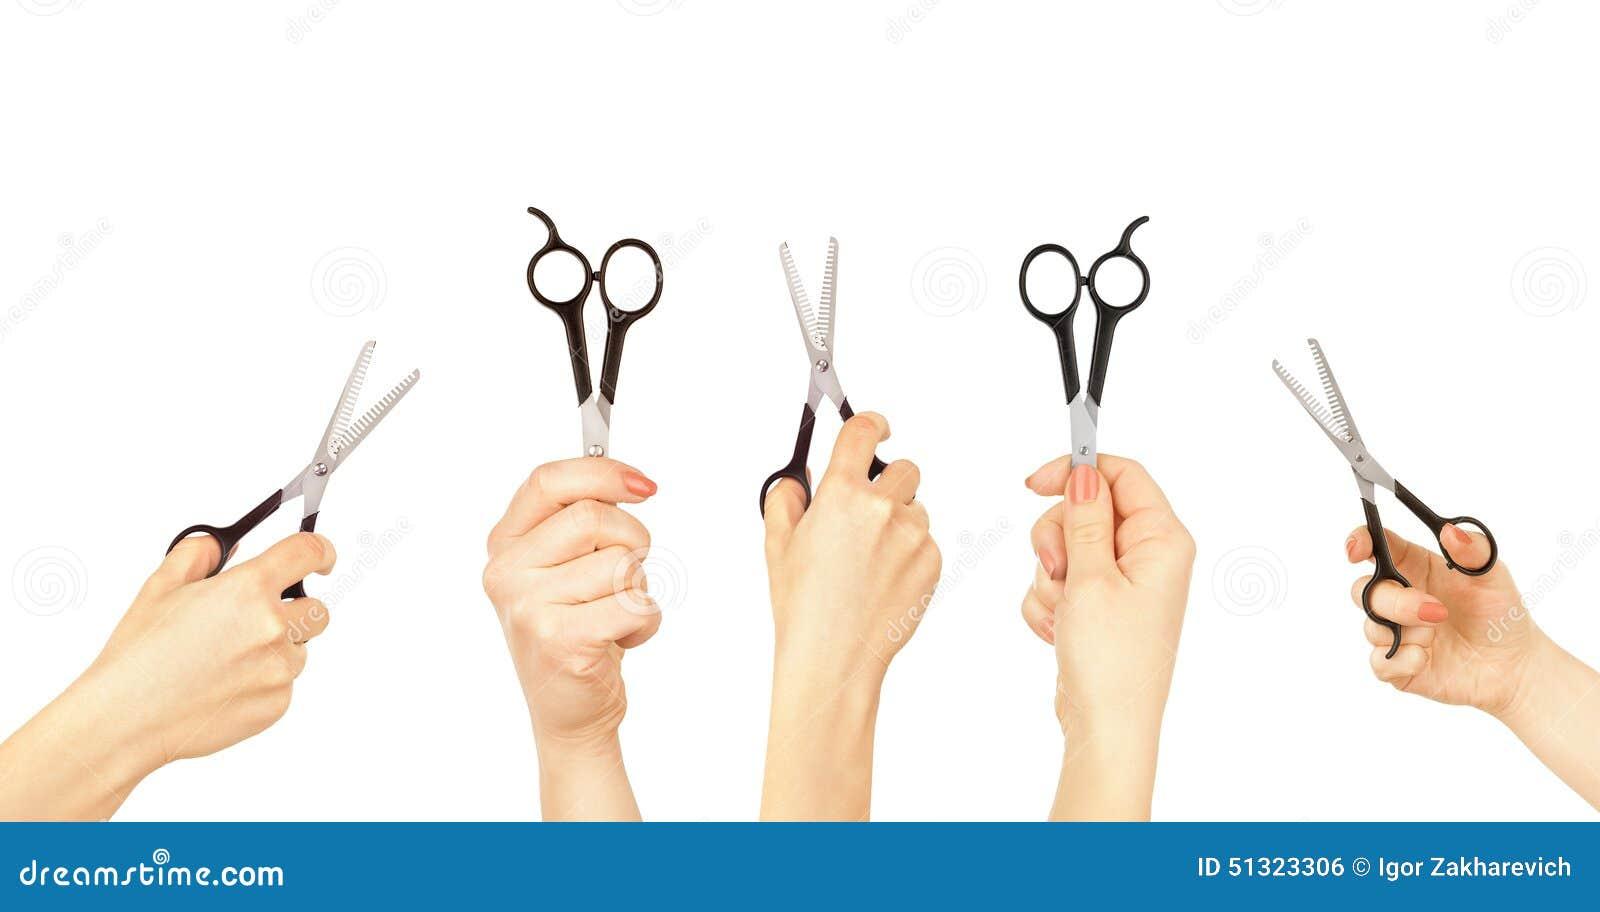 拿着一把剪刀剪的头发的手在白色.图片